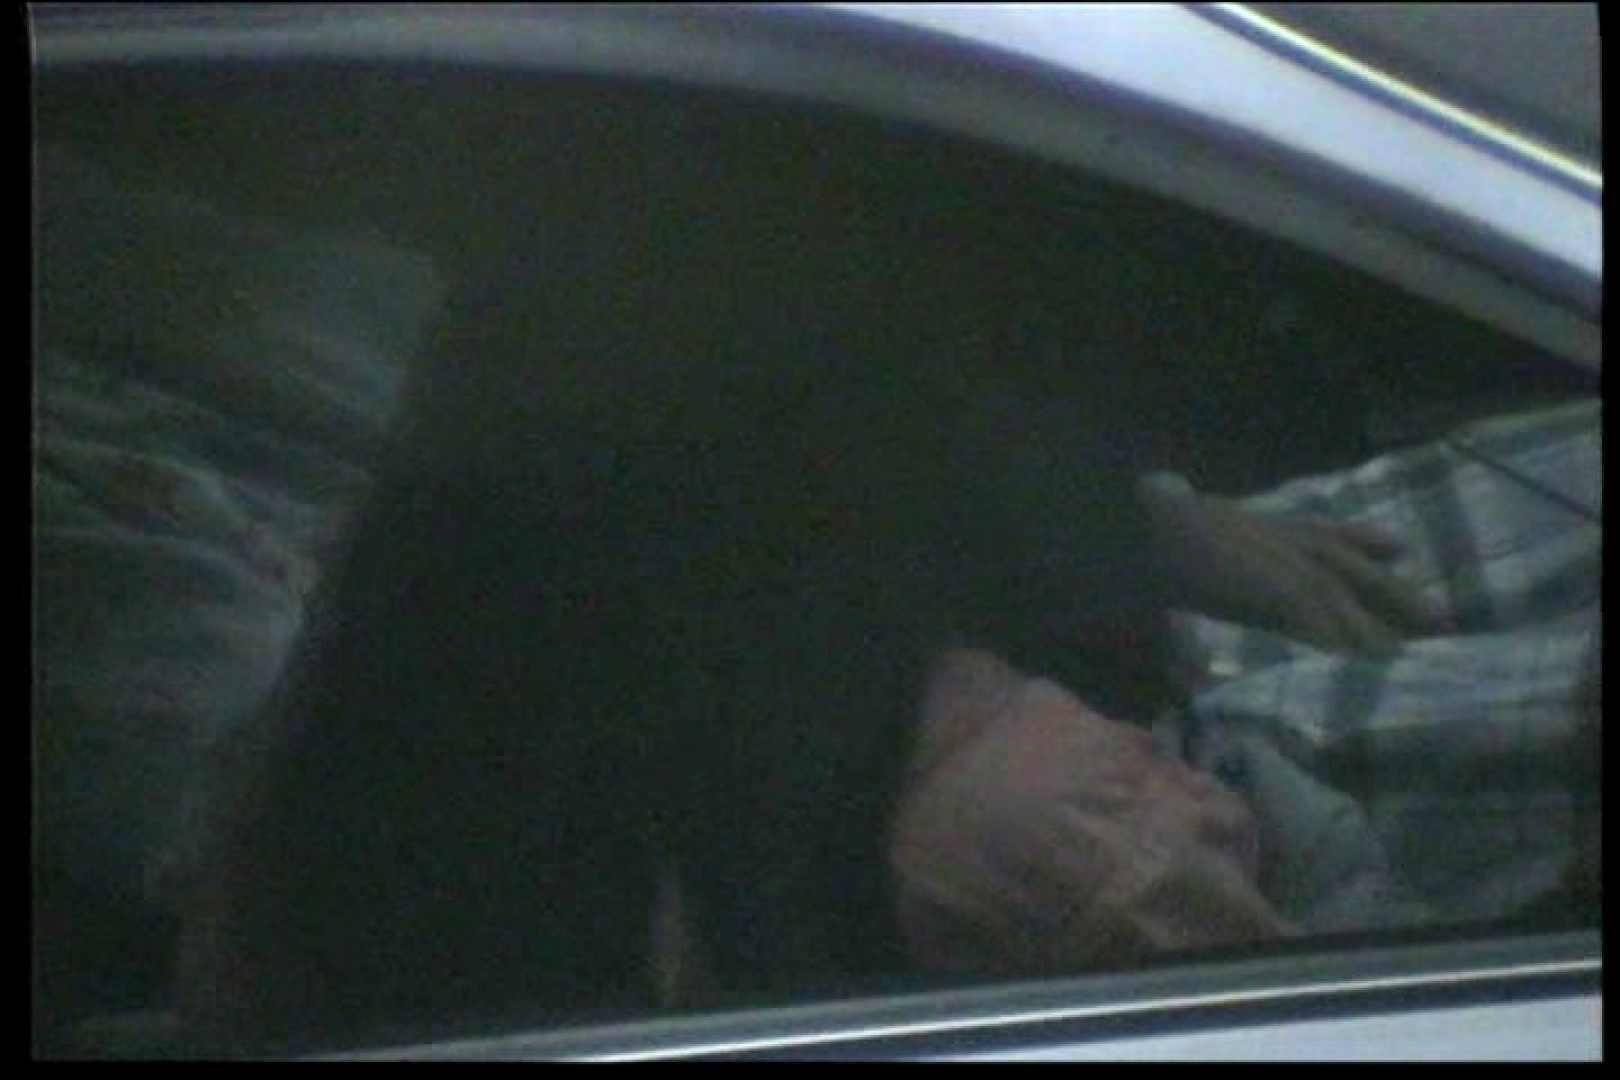 車の中はラブホテル 無修正版  Vol.12 赤外線 ぱこり動画紹介 87pic 6